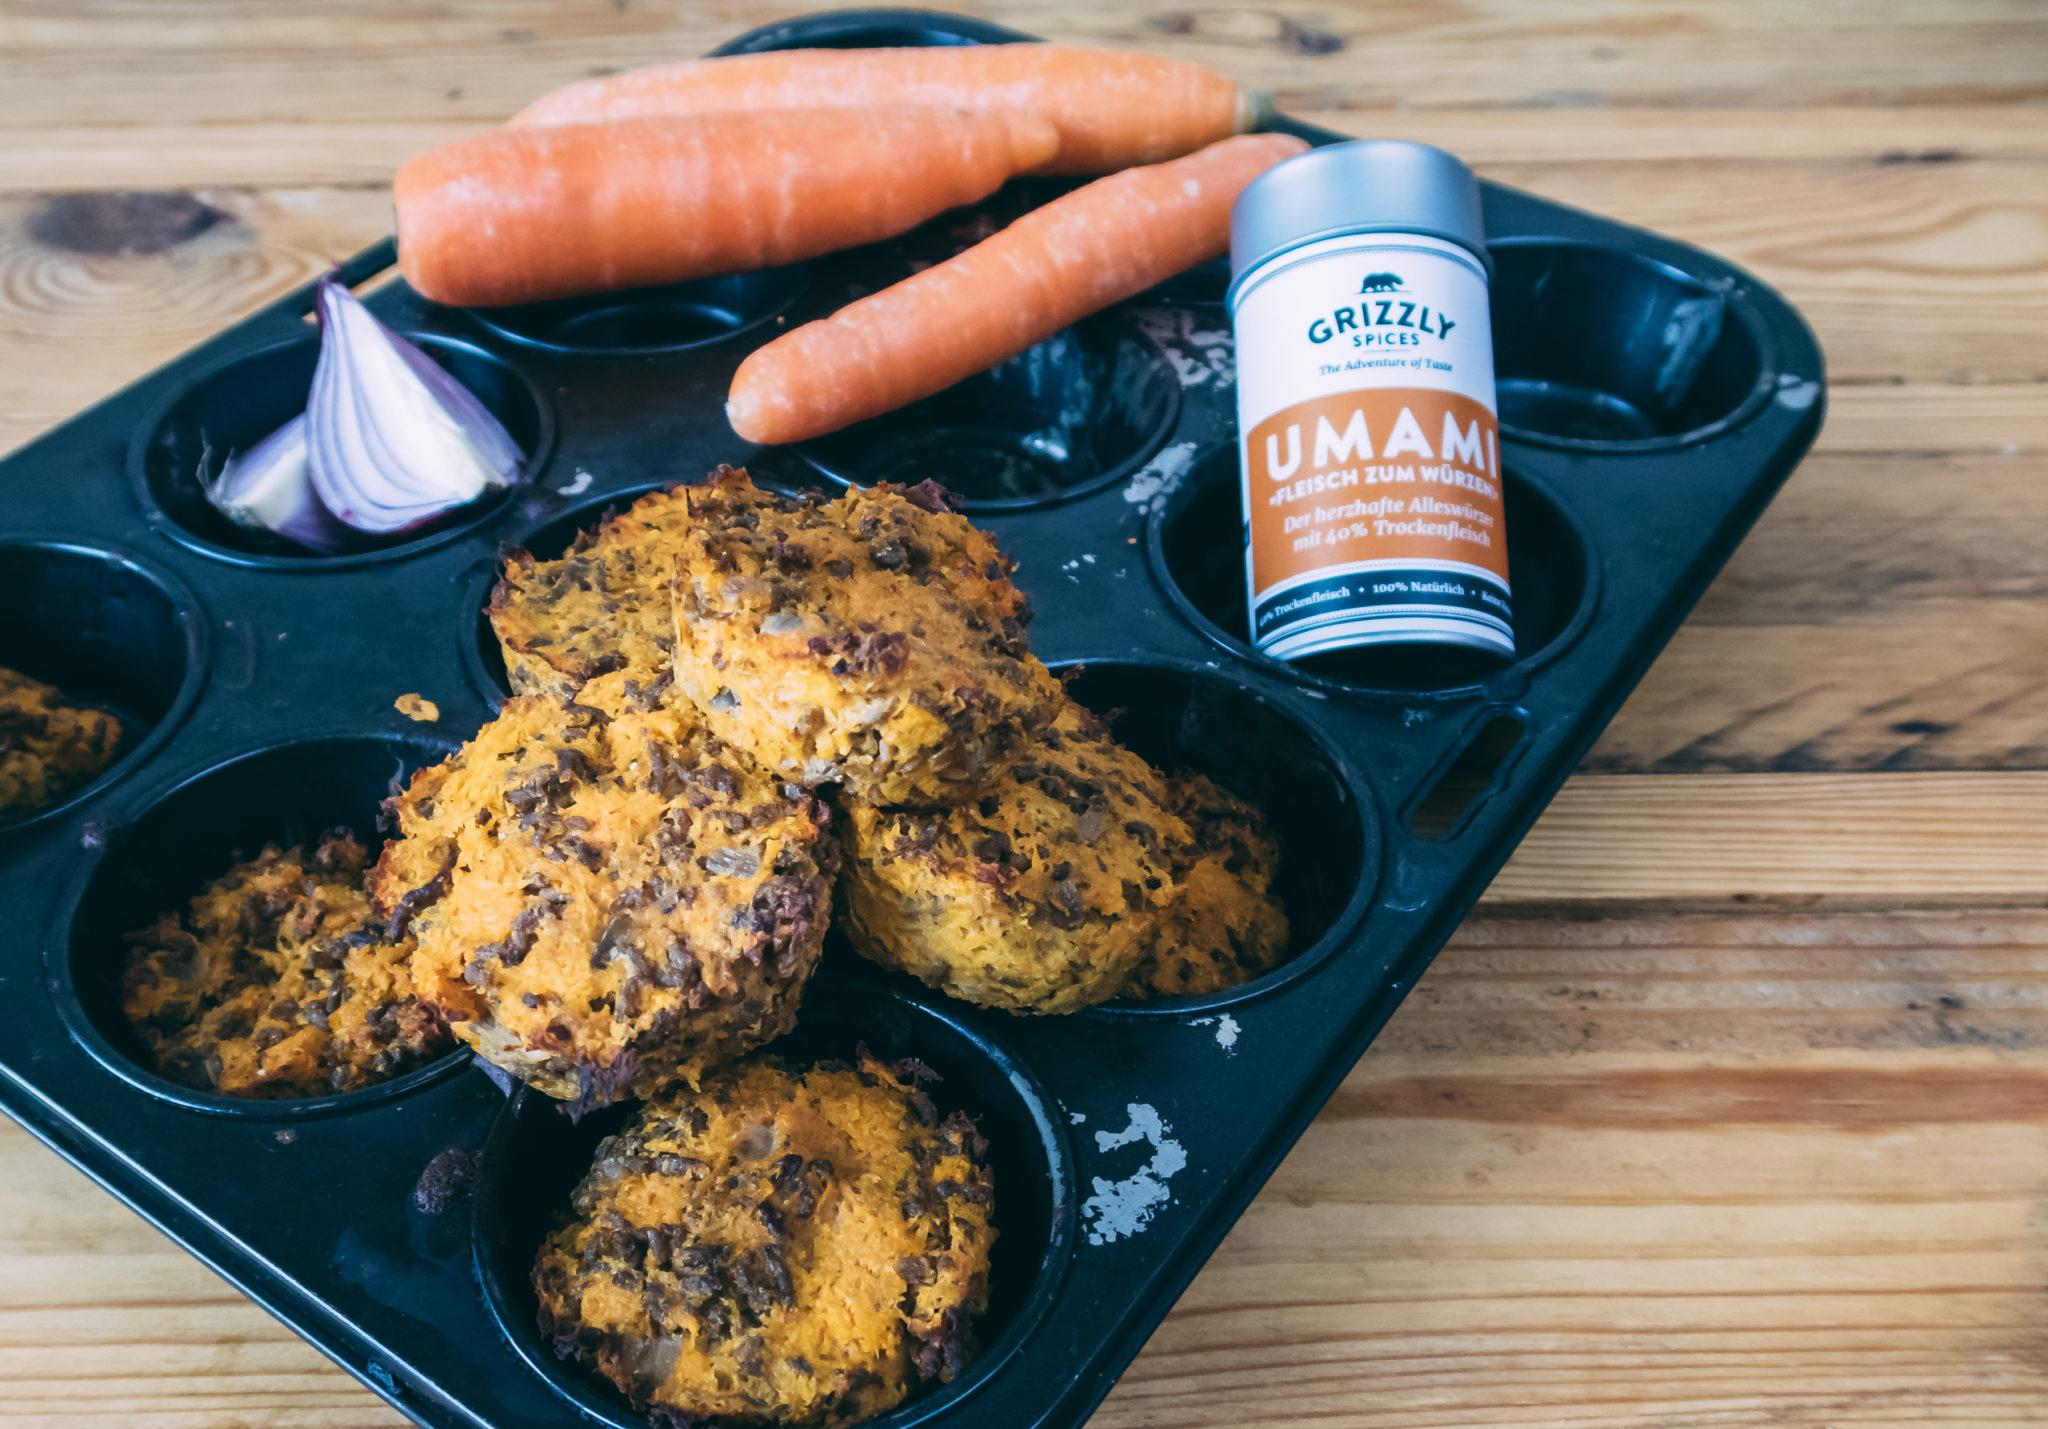 Hackfleisch-Karotten-Muffins mit UMAMI